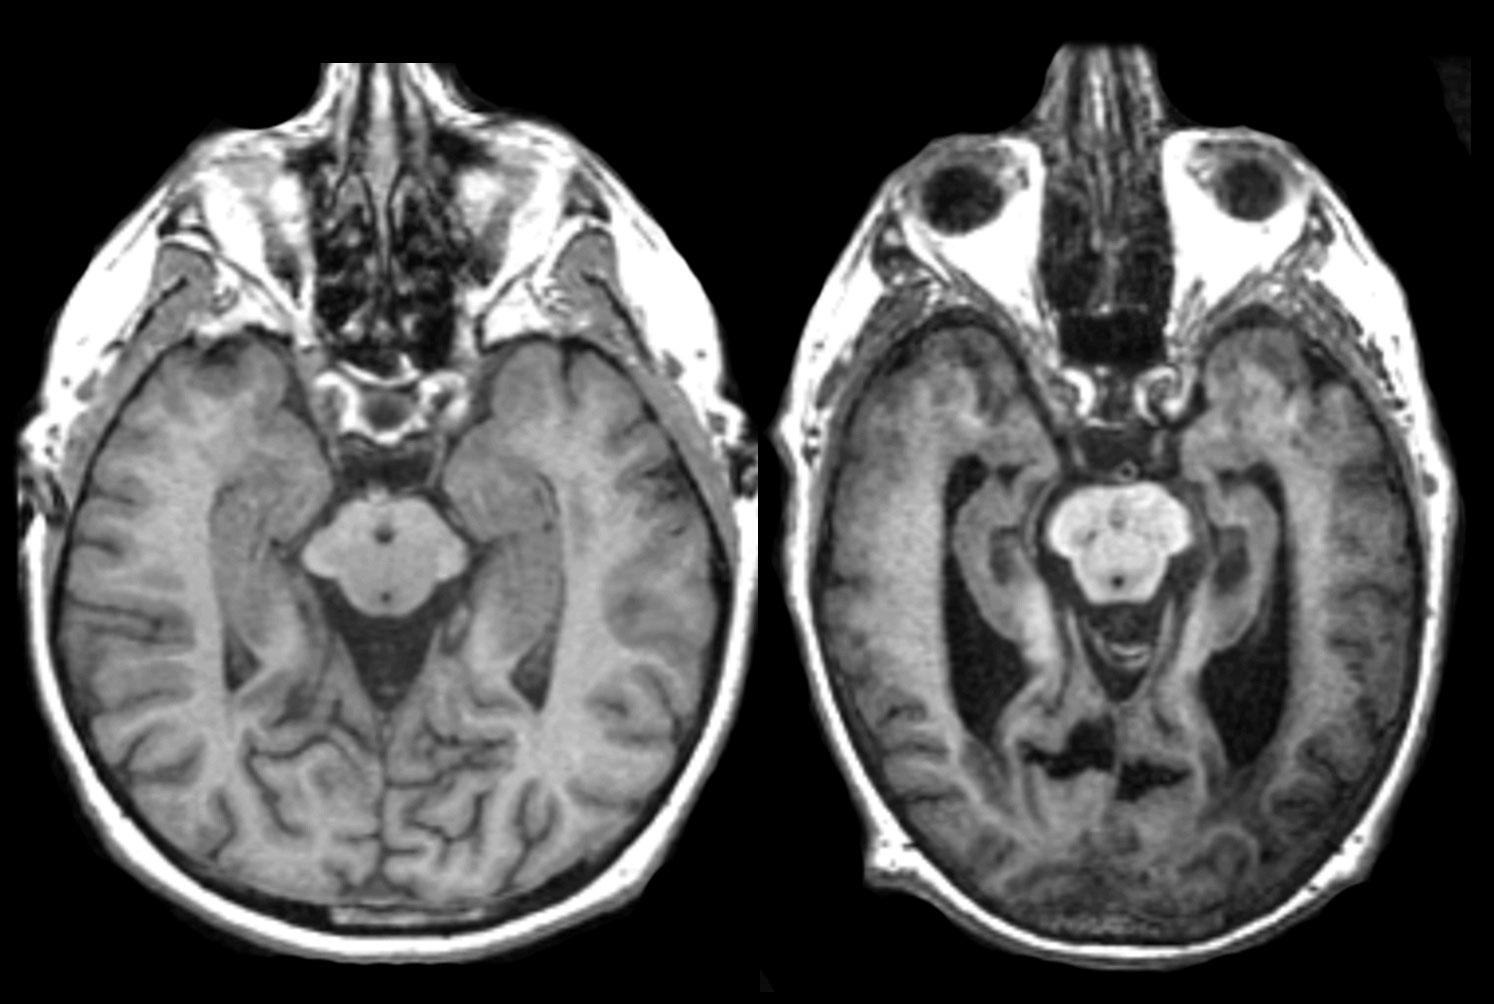 Avanzando en Investigación contra el Alzheimer